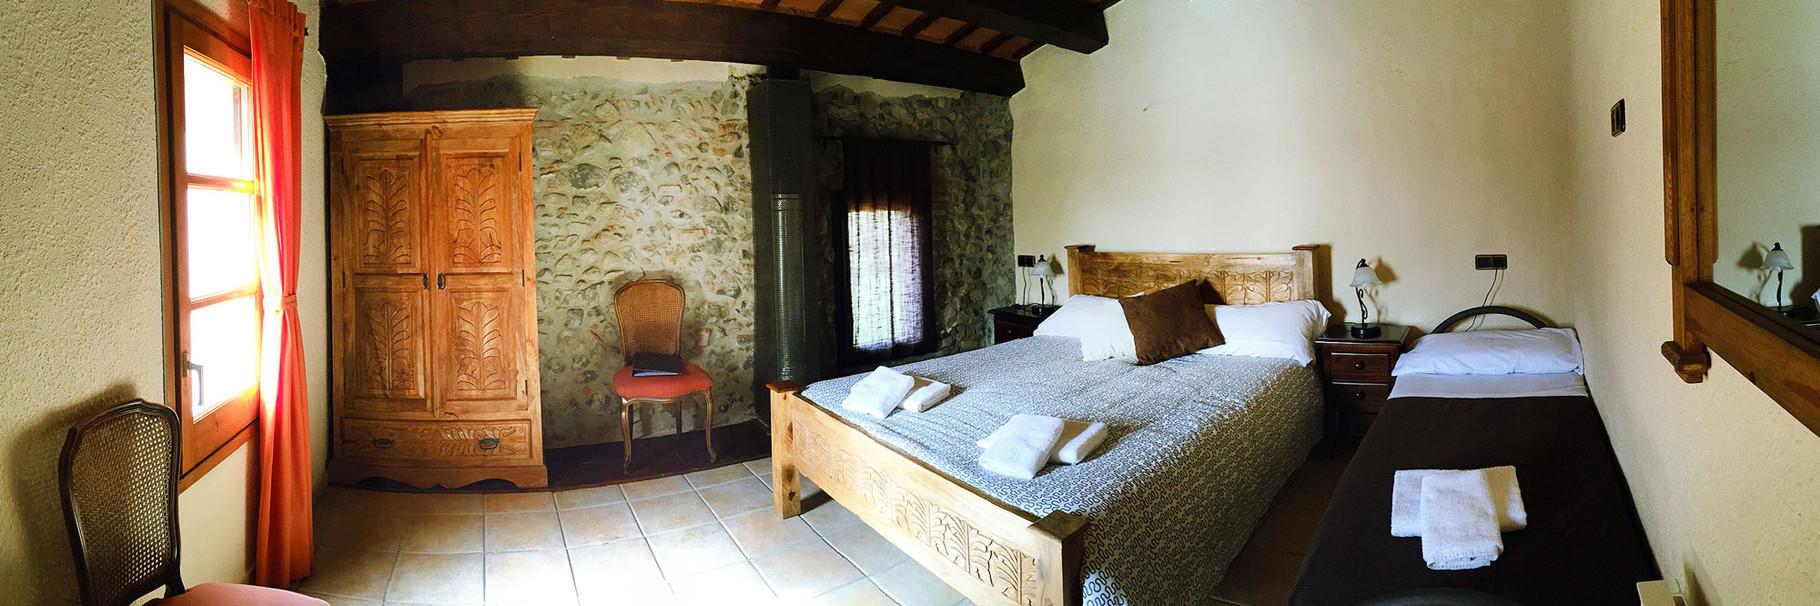 Cálida habitación con cama matrimonio y cama individual